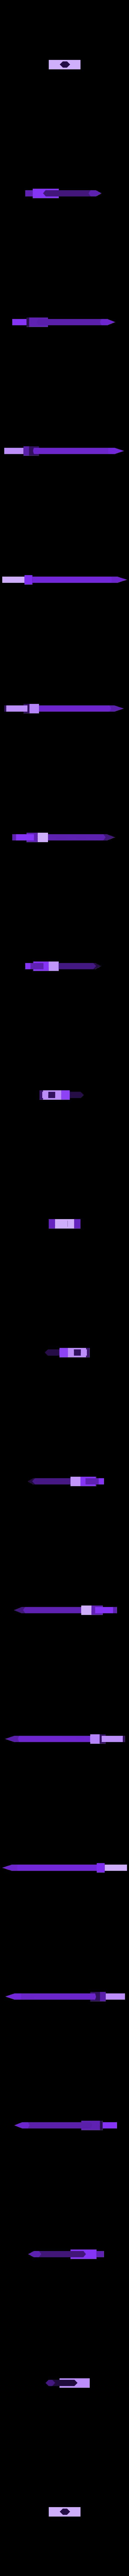 RS Longsword.stl Télécharger fichier STL gratuit RuneScape LongSword • Design pour imprimante 3D, Preston_ac